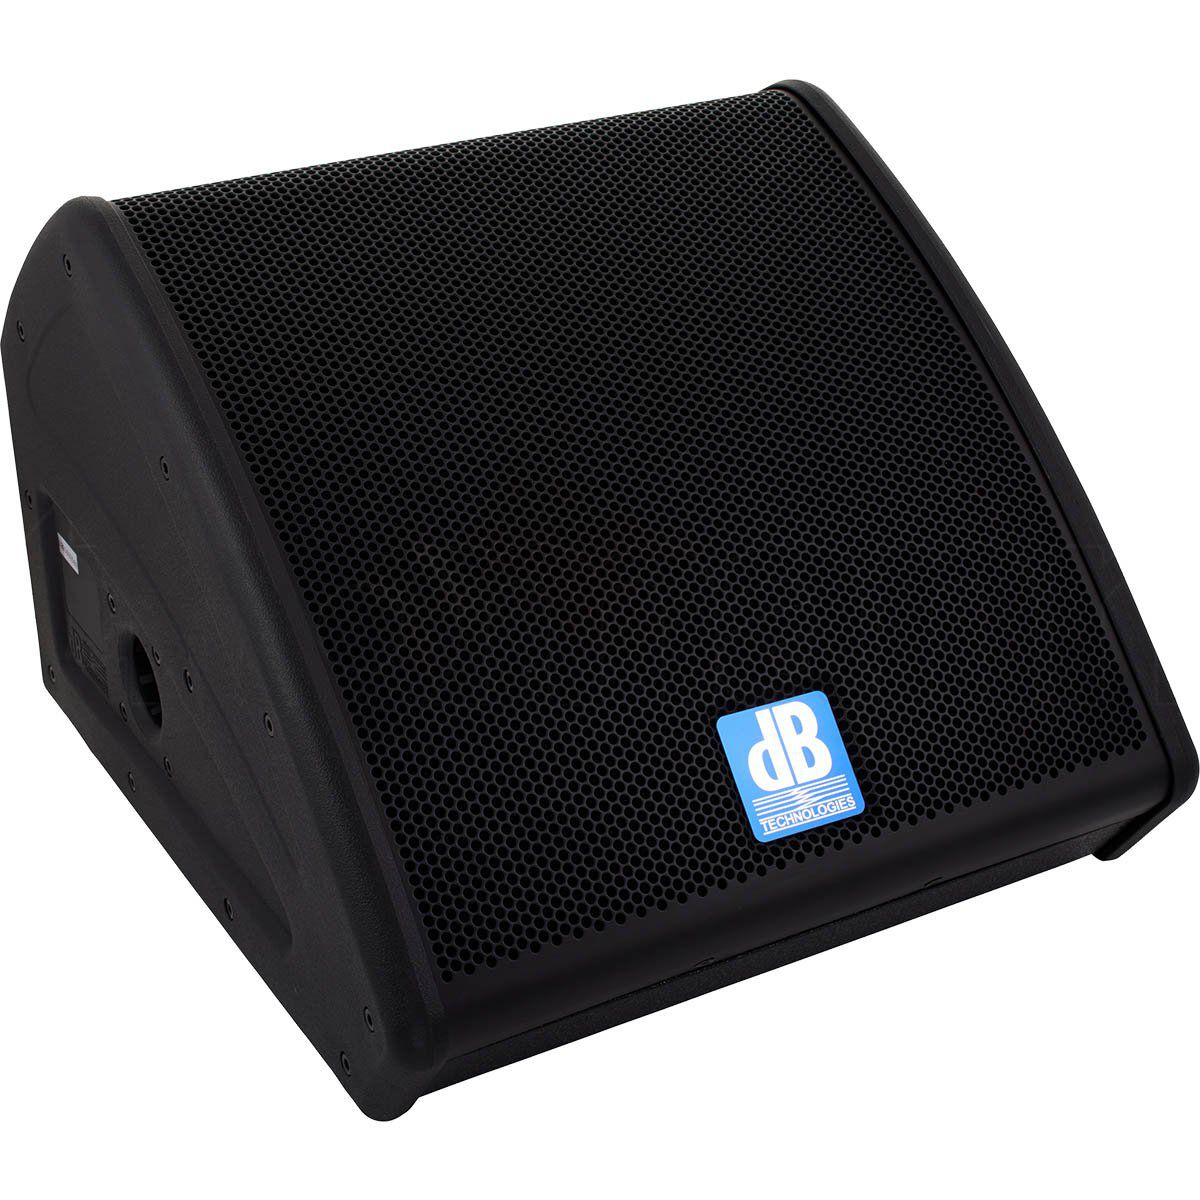 dB Technologies Flexsys FM10 Caixas de Som FM-10 Ativa 800W para Retorno de Vocais